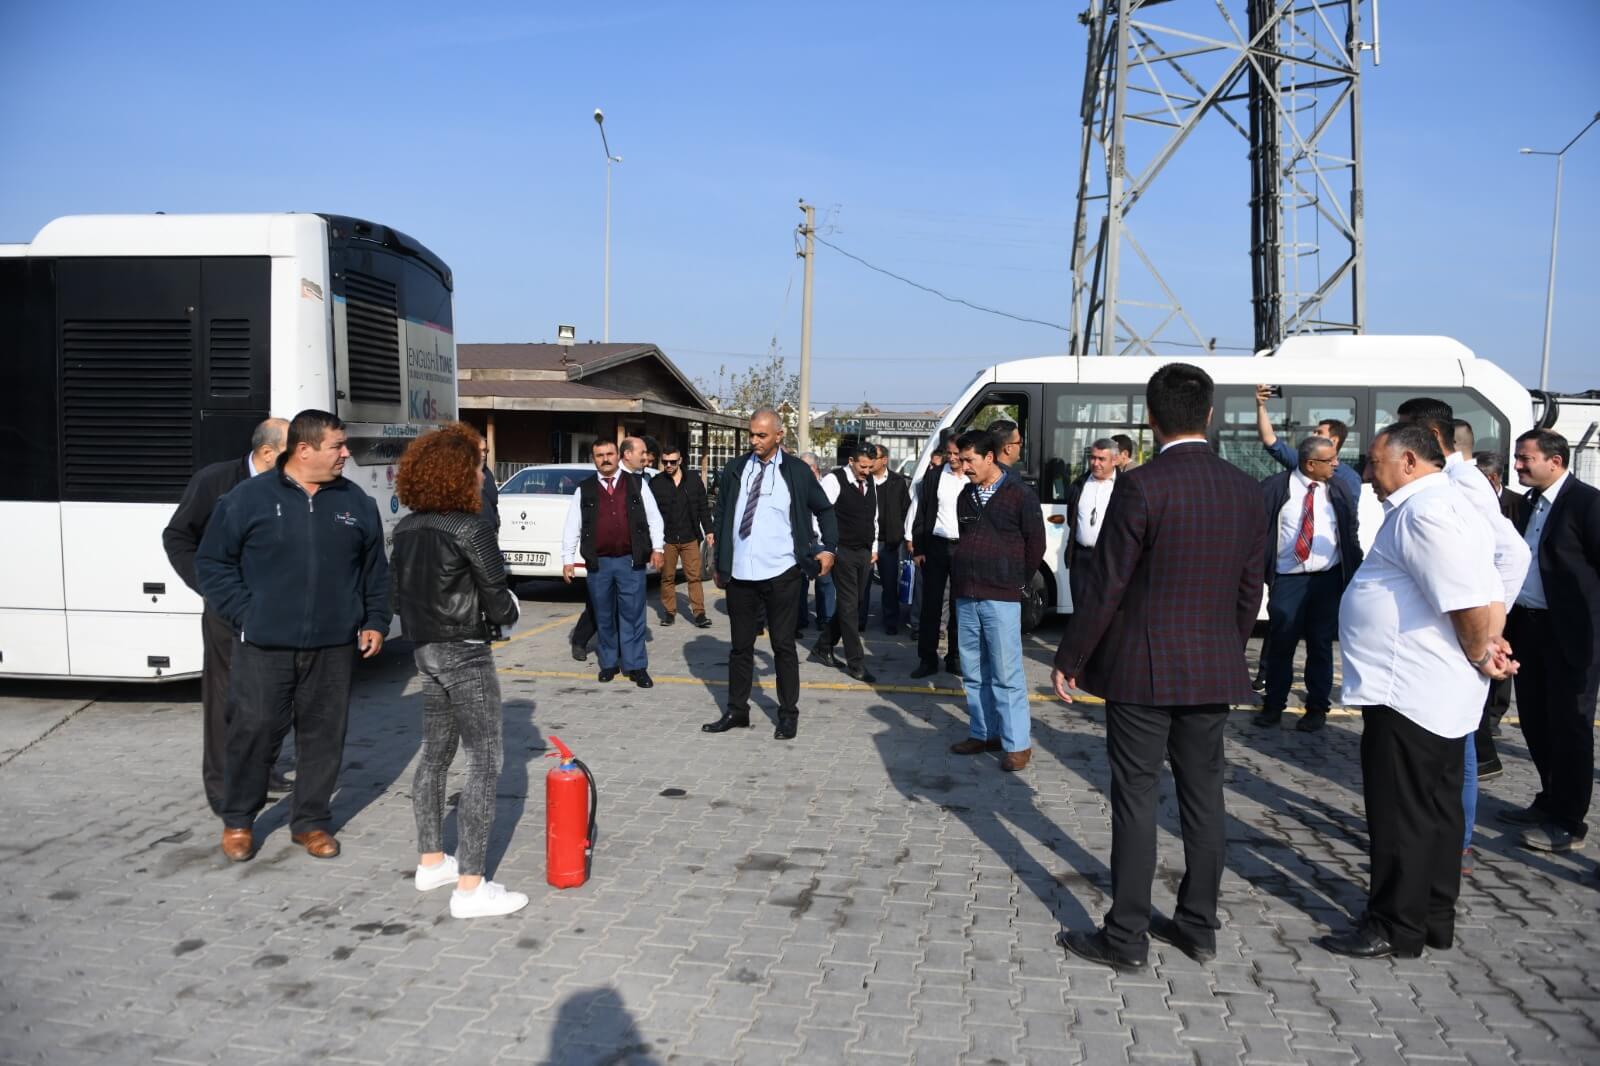 Şehir İçi Toplu Taşıma Şoförlerine Yangın Eğitimi Verildi